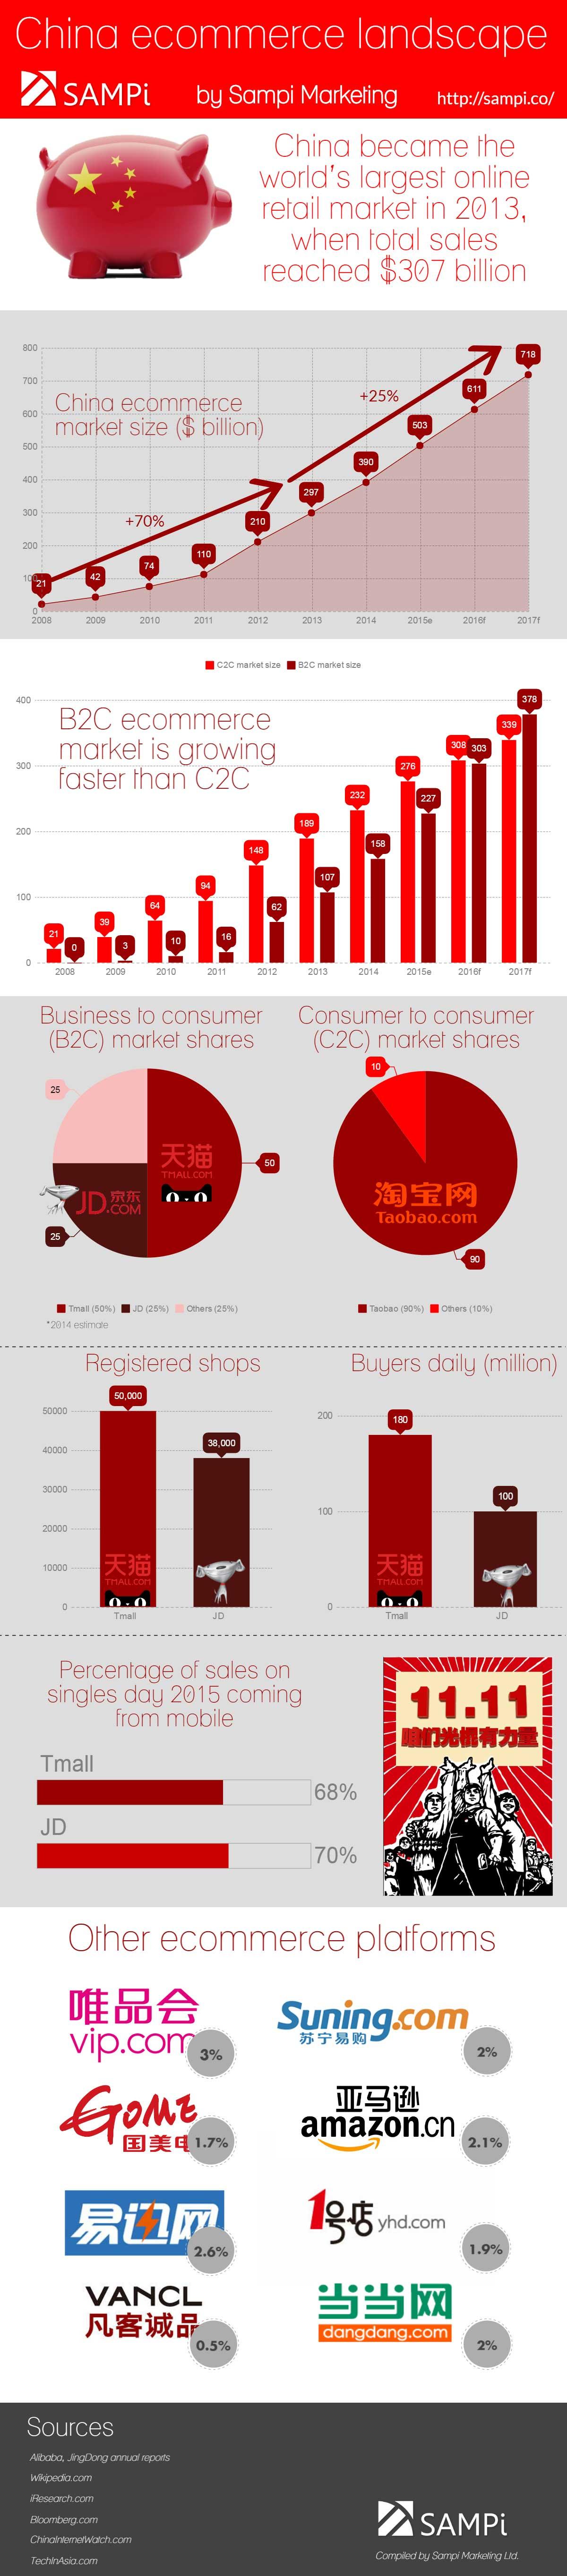 China ecommerce landscape Sampi Marketing